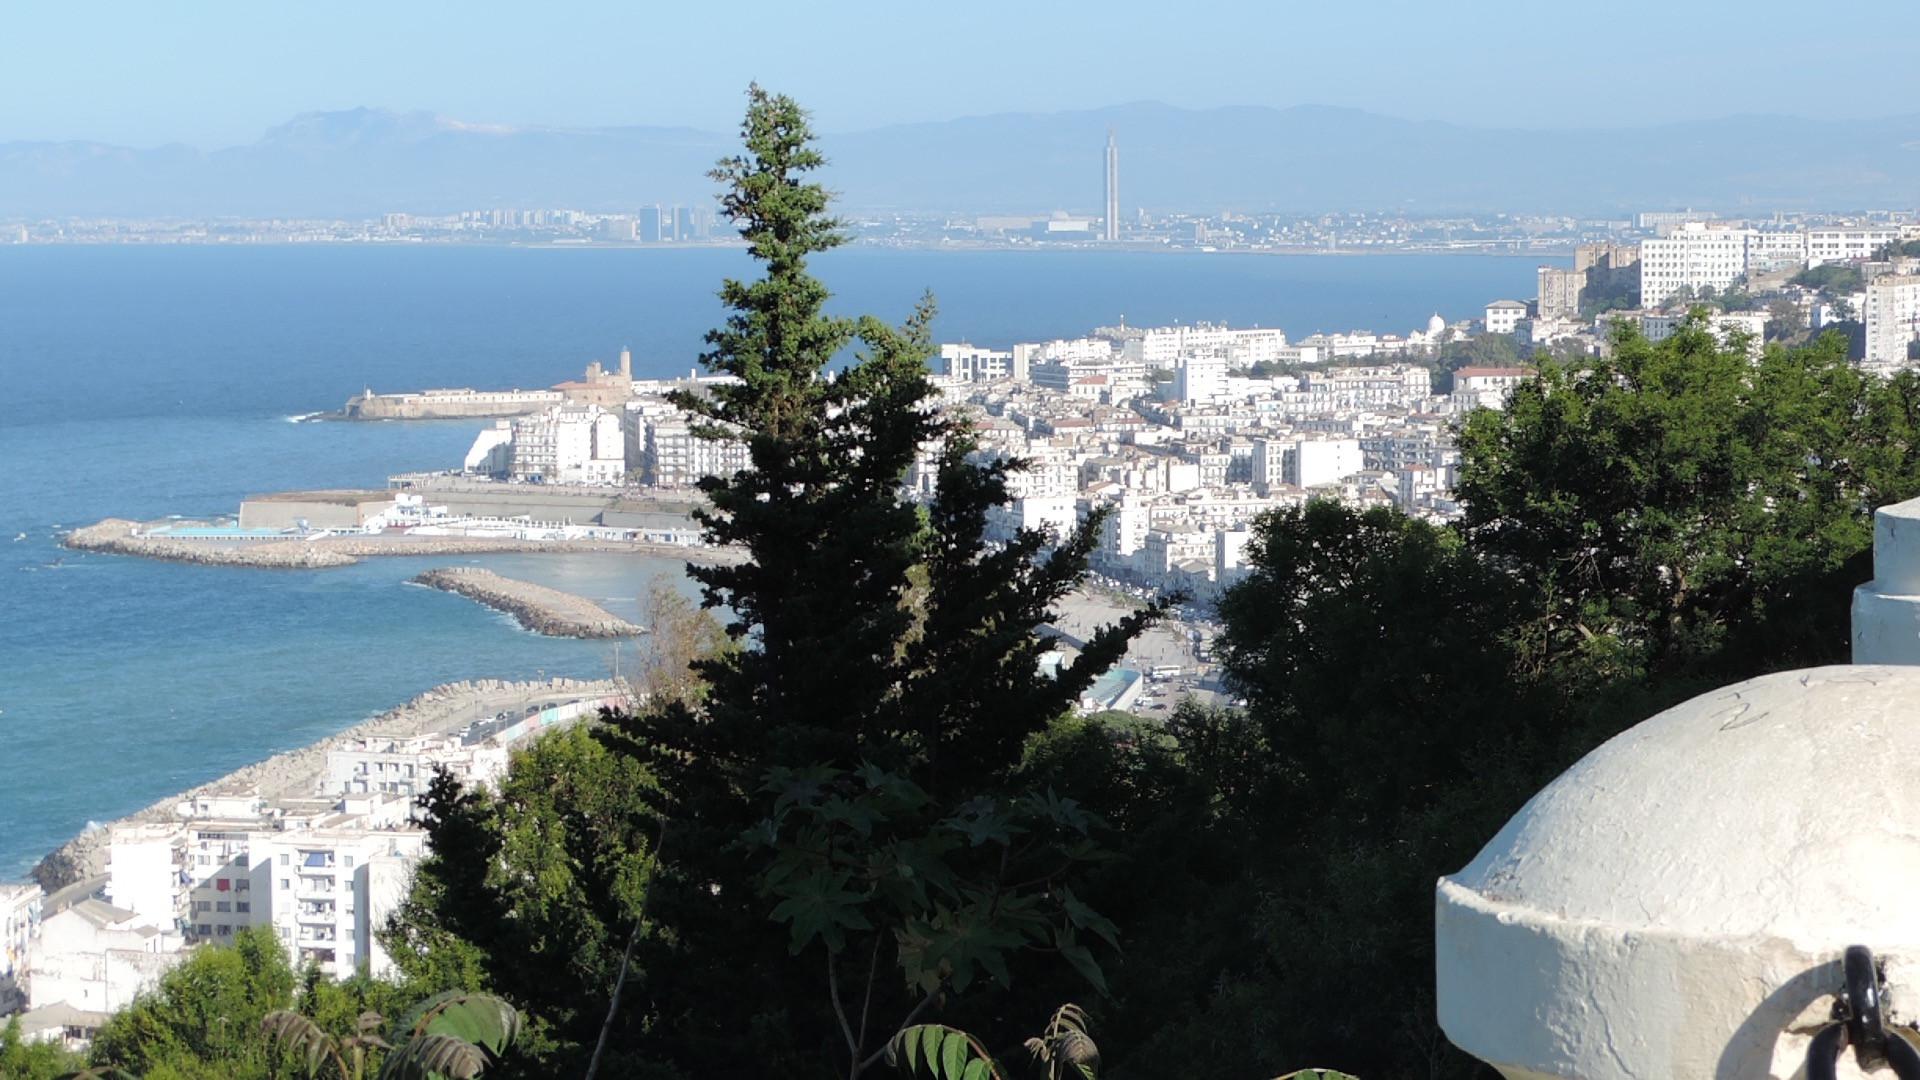 5 lieux à visiter si vous ne connaissez pas du tout Alger